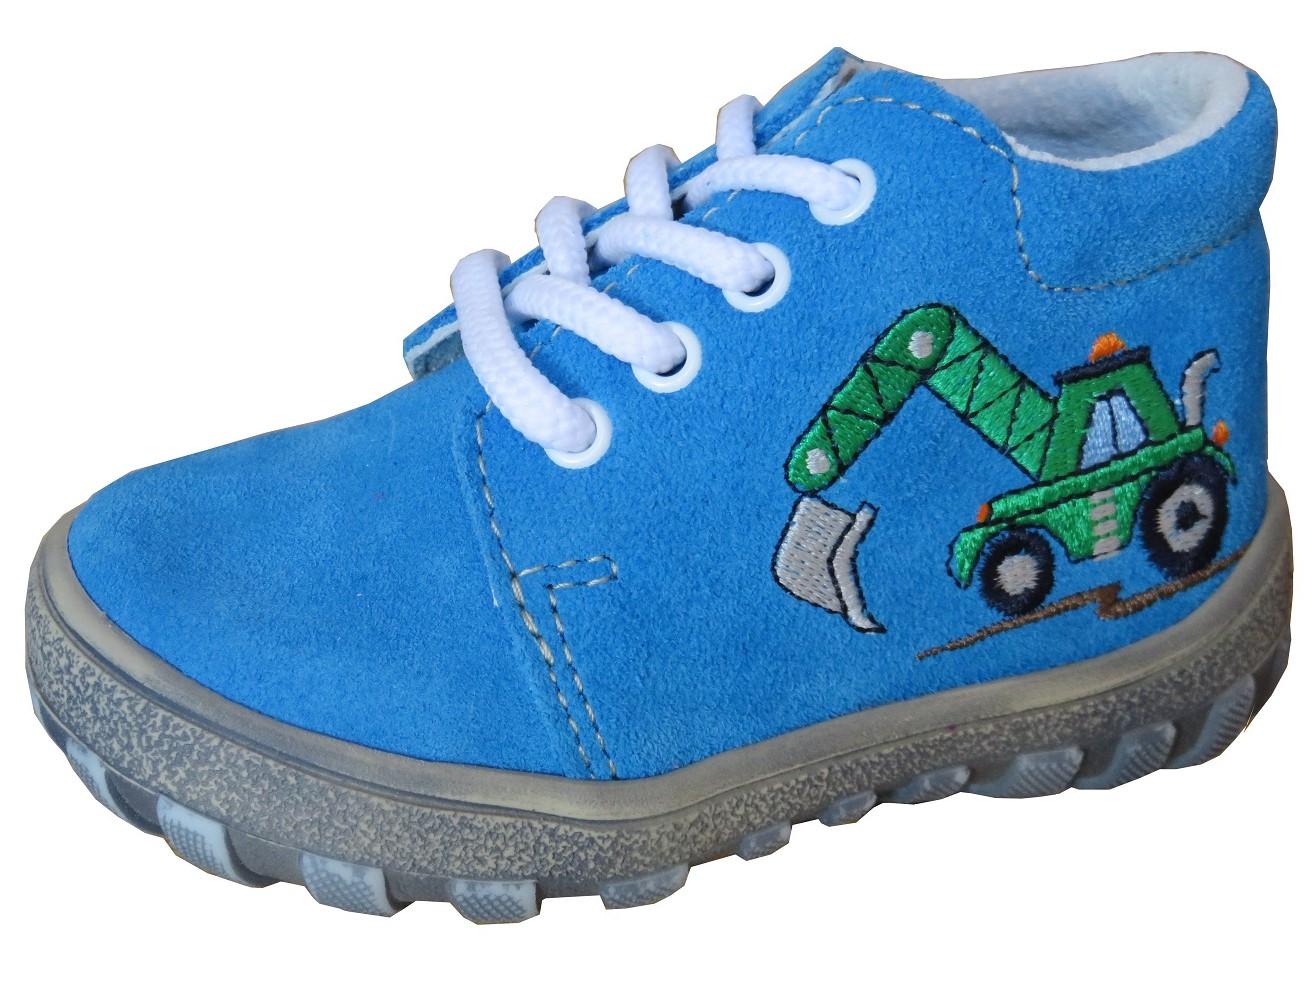 Dětské celoroční boty Jonap 022 bagr modrá Velikost: 22 (EU)